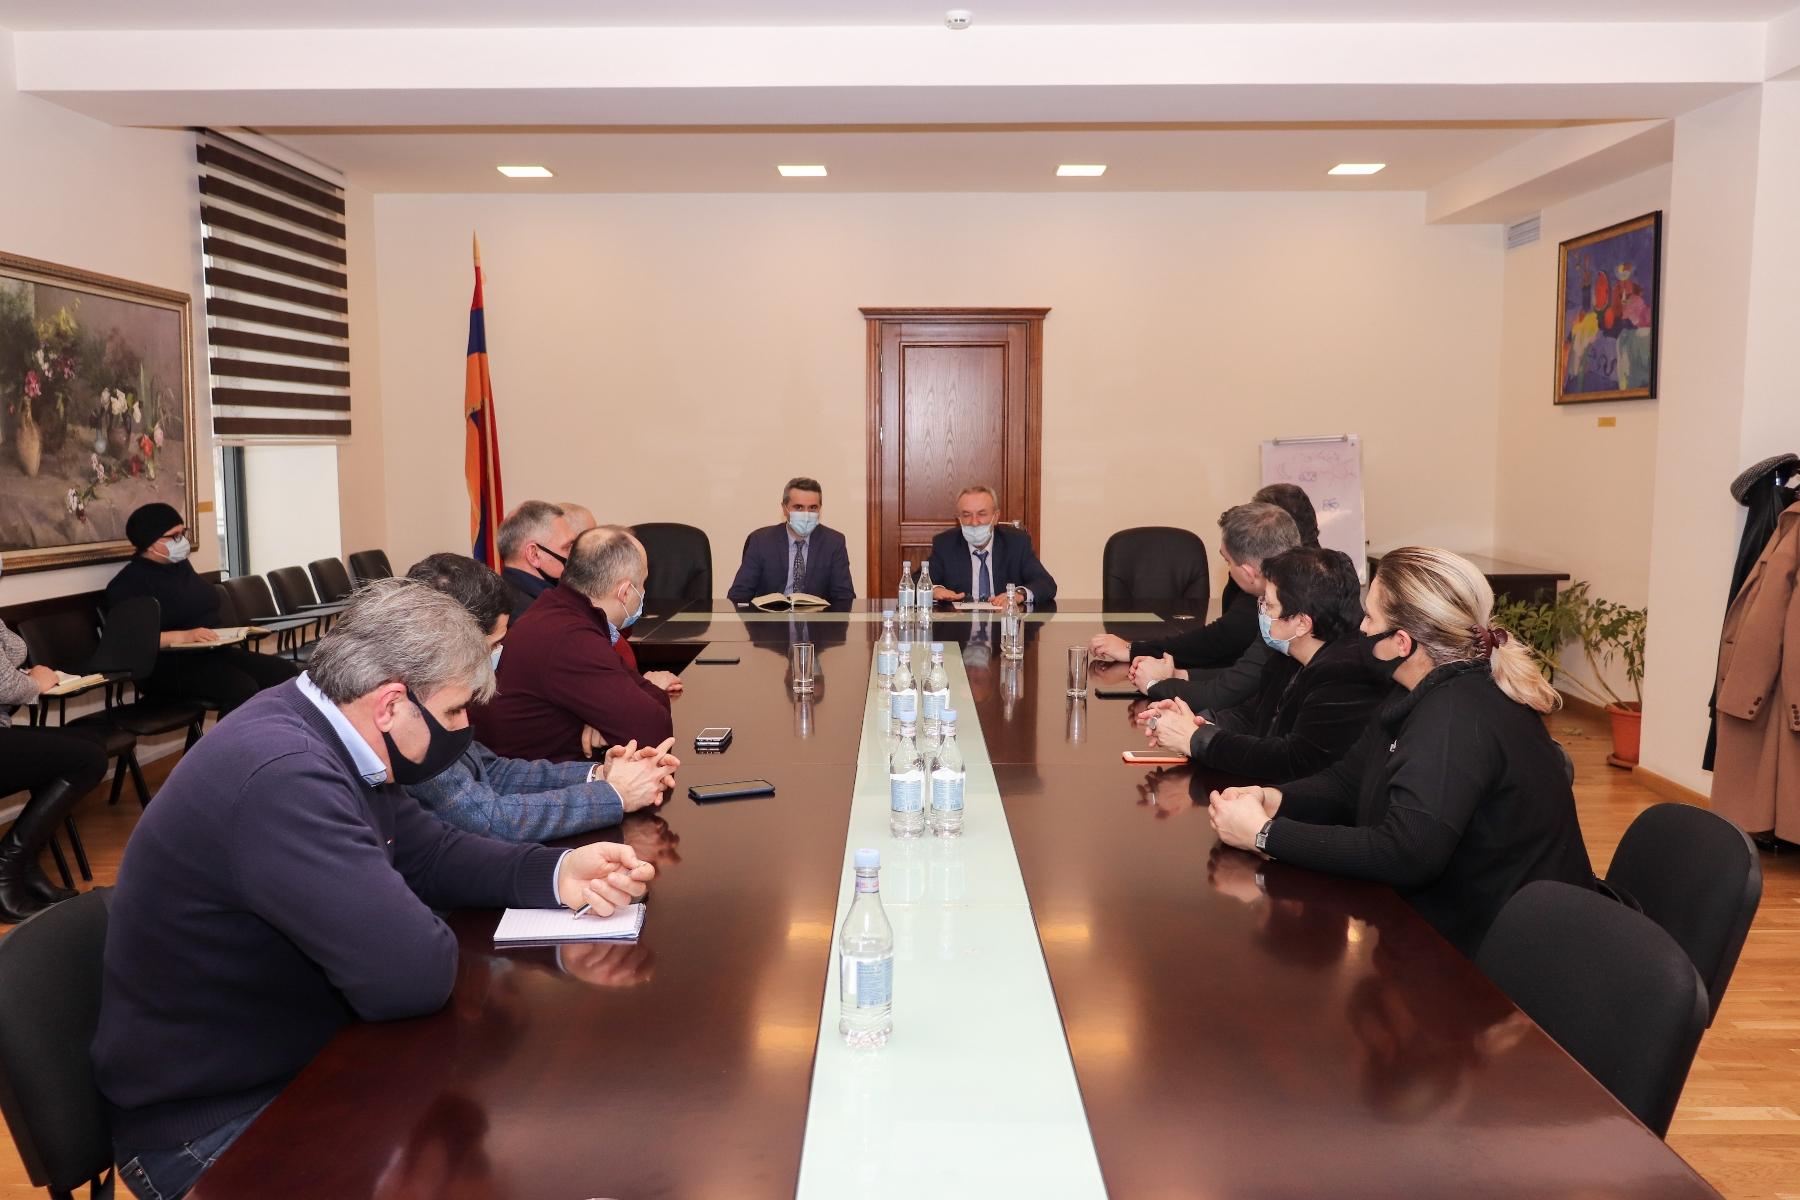 Photo of ԿԳՄՍ նախարար Վահրամ Դումանյանը հանդիպել է երաժշտահամերգային կազմակերպությունների ղեկավարների հետ